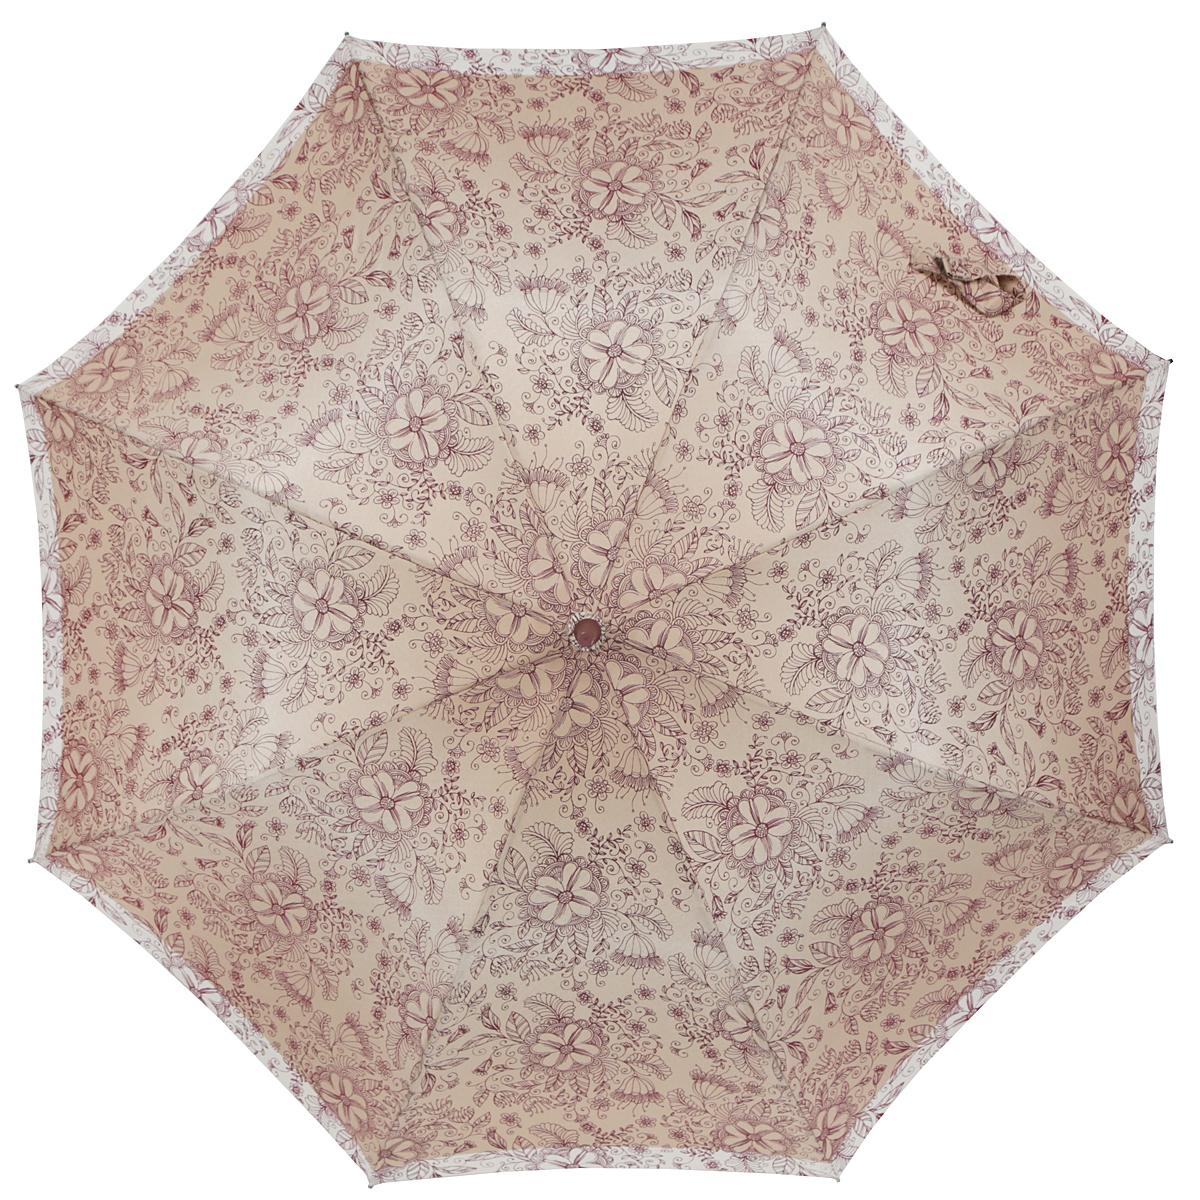 Фото - Зонт Zest 21629-1097, светло-коричневый ремень женский fancy s bag цвет светло коричневый fb 1226 06 размер 105